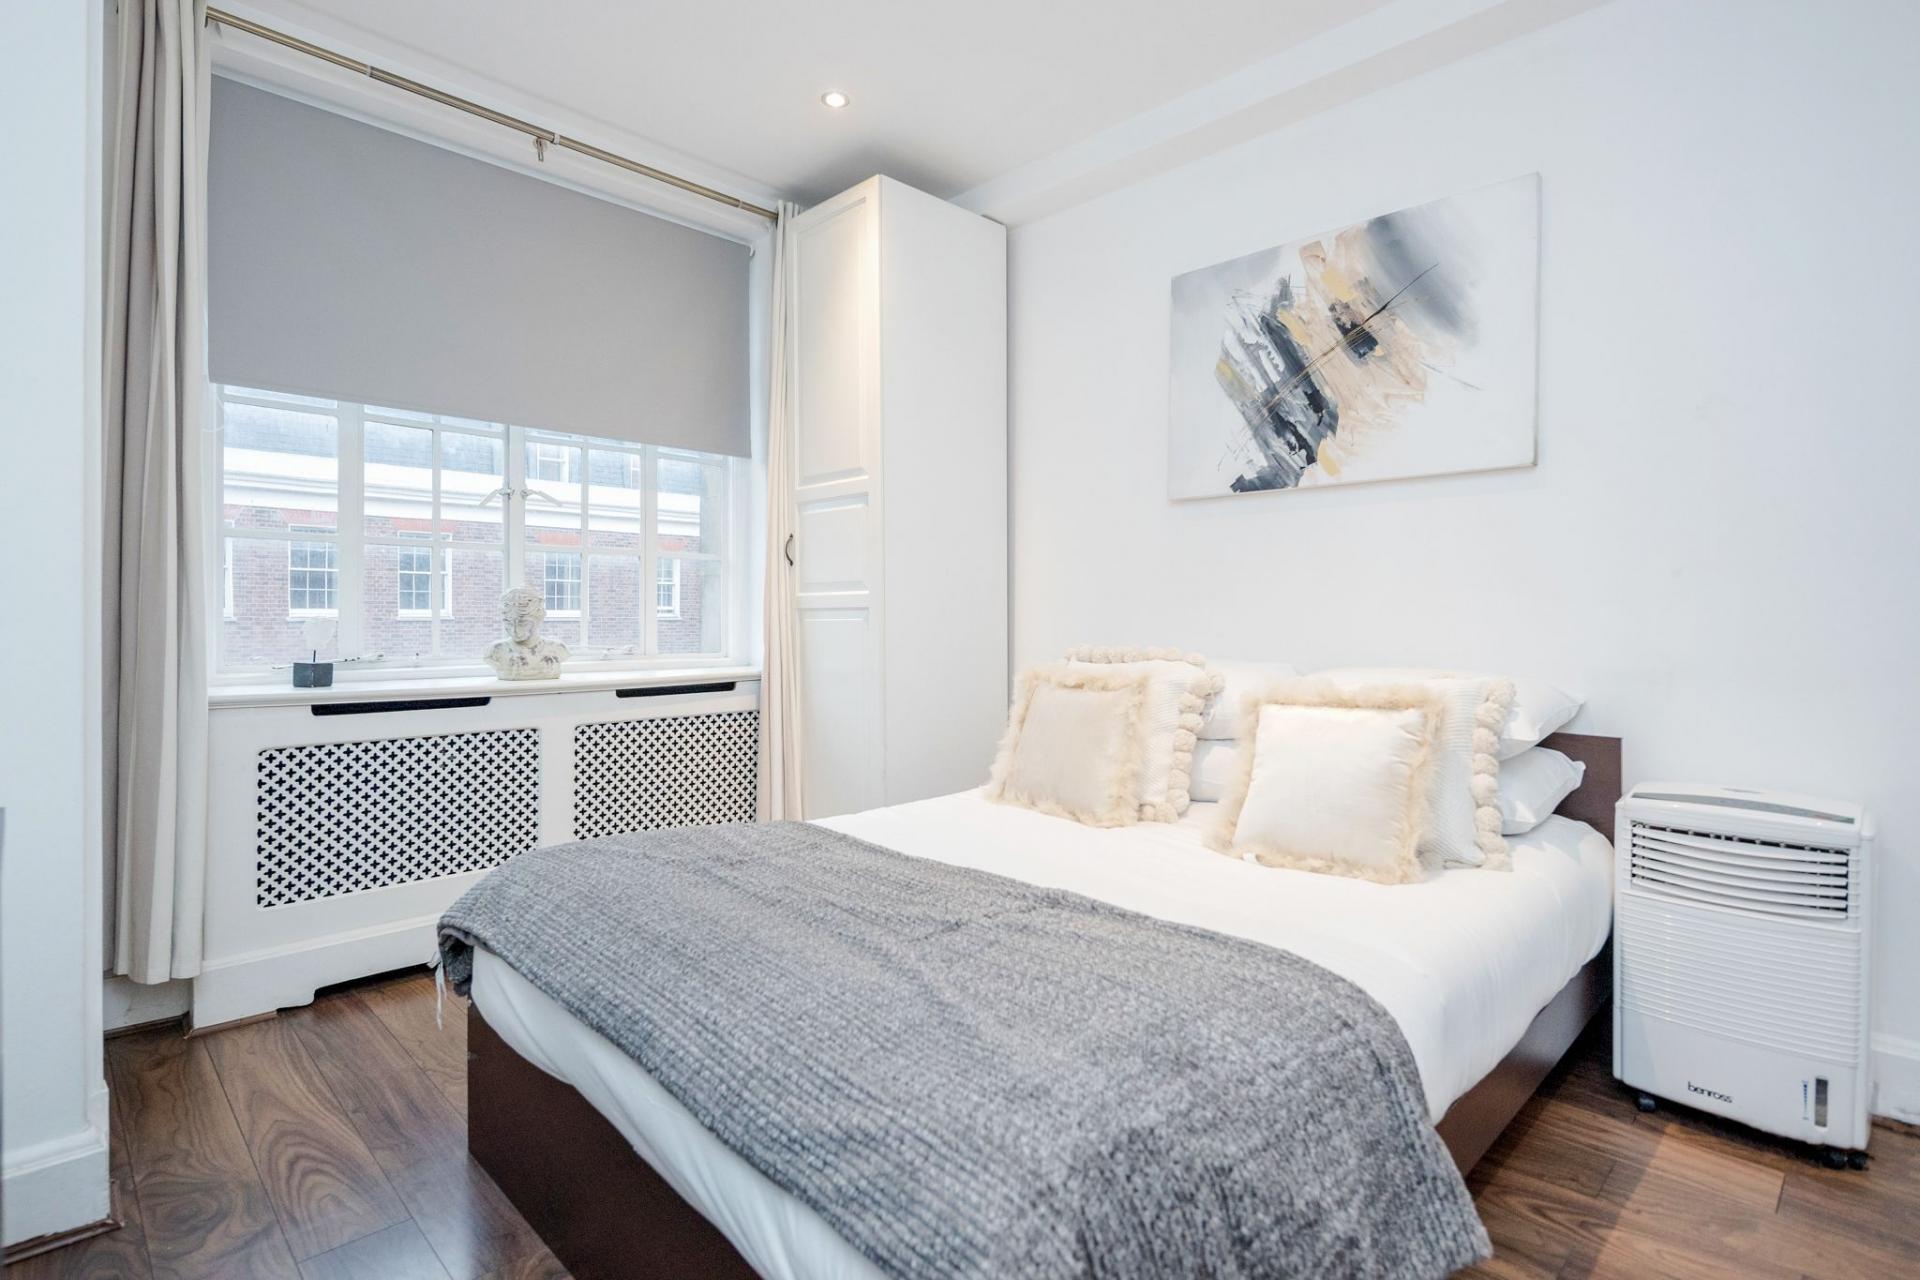 Bedroom at Marylebone Luxury Apartments, Marylebone, London - Citybase Apartments